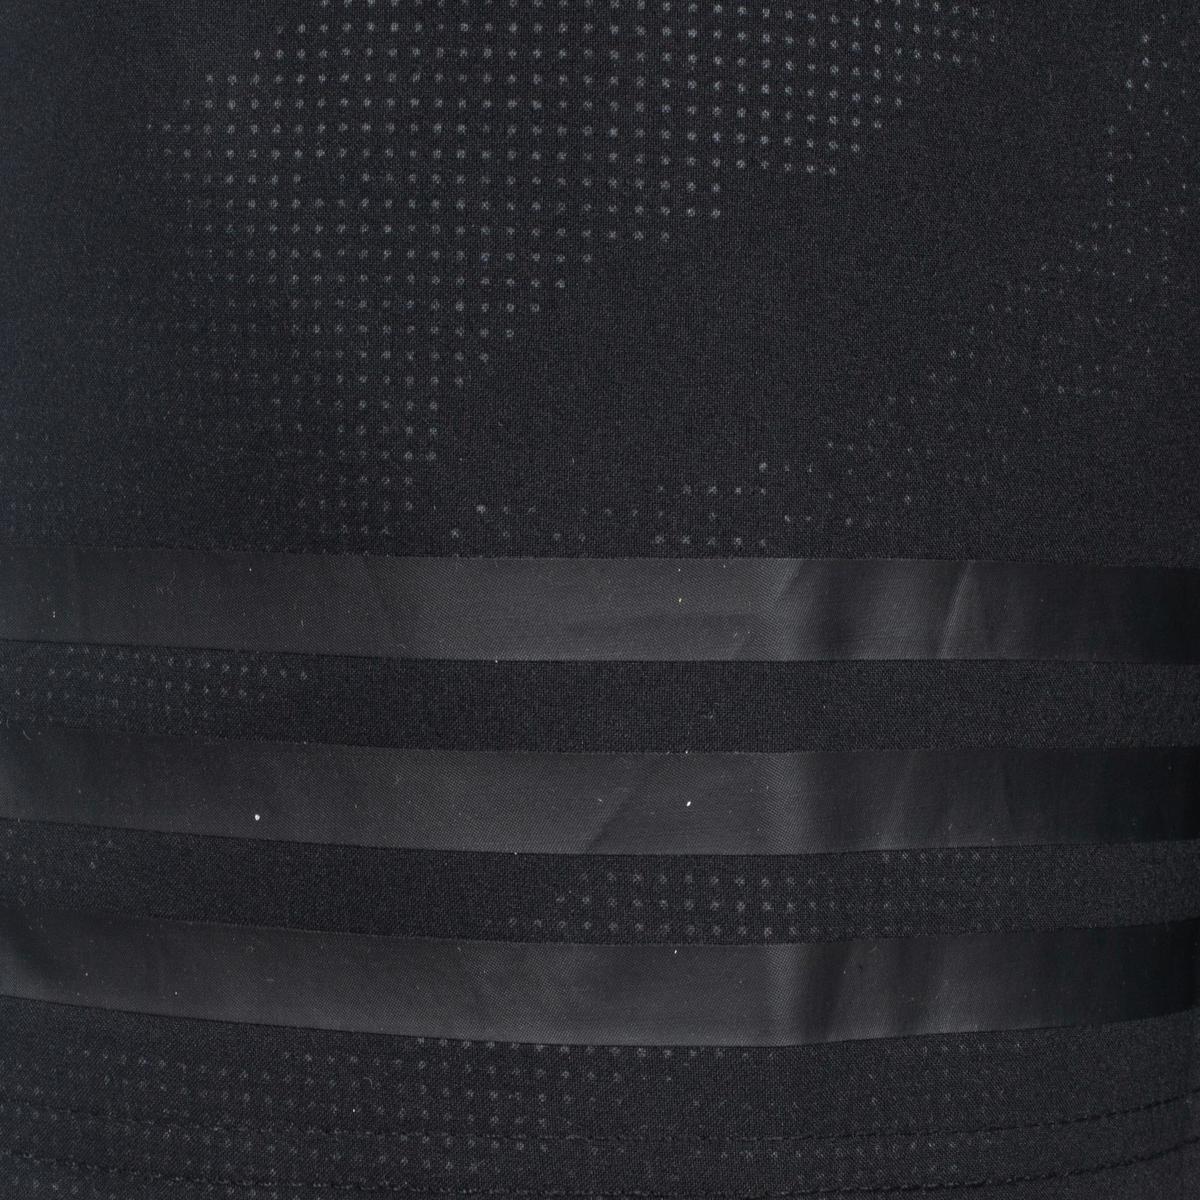 Bild 3 von Sporthose kurz Gym Kinder schwarz